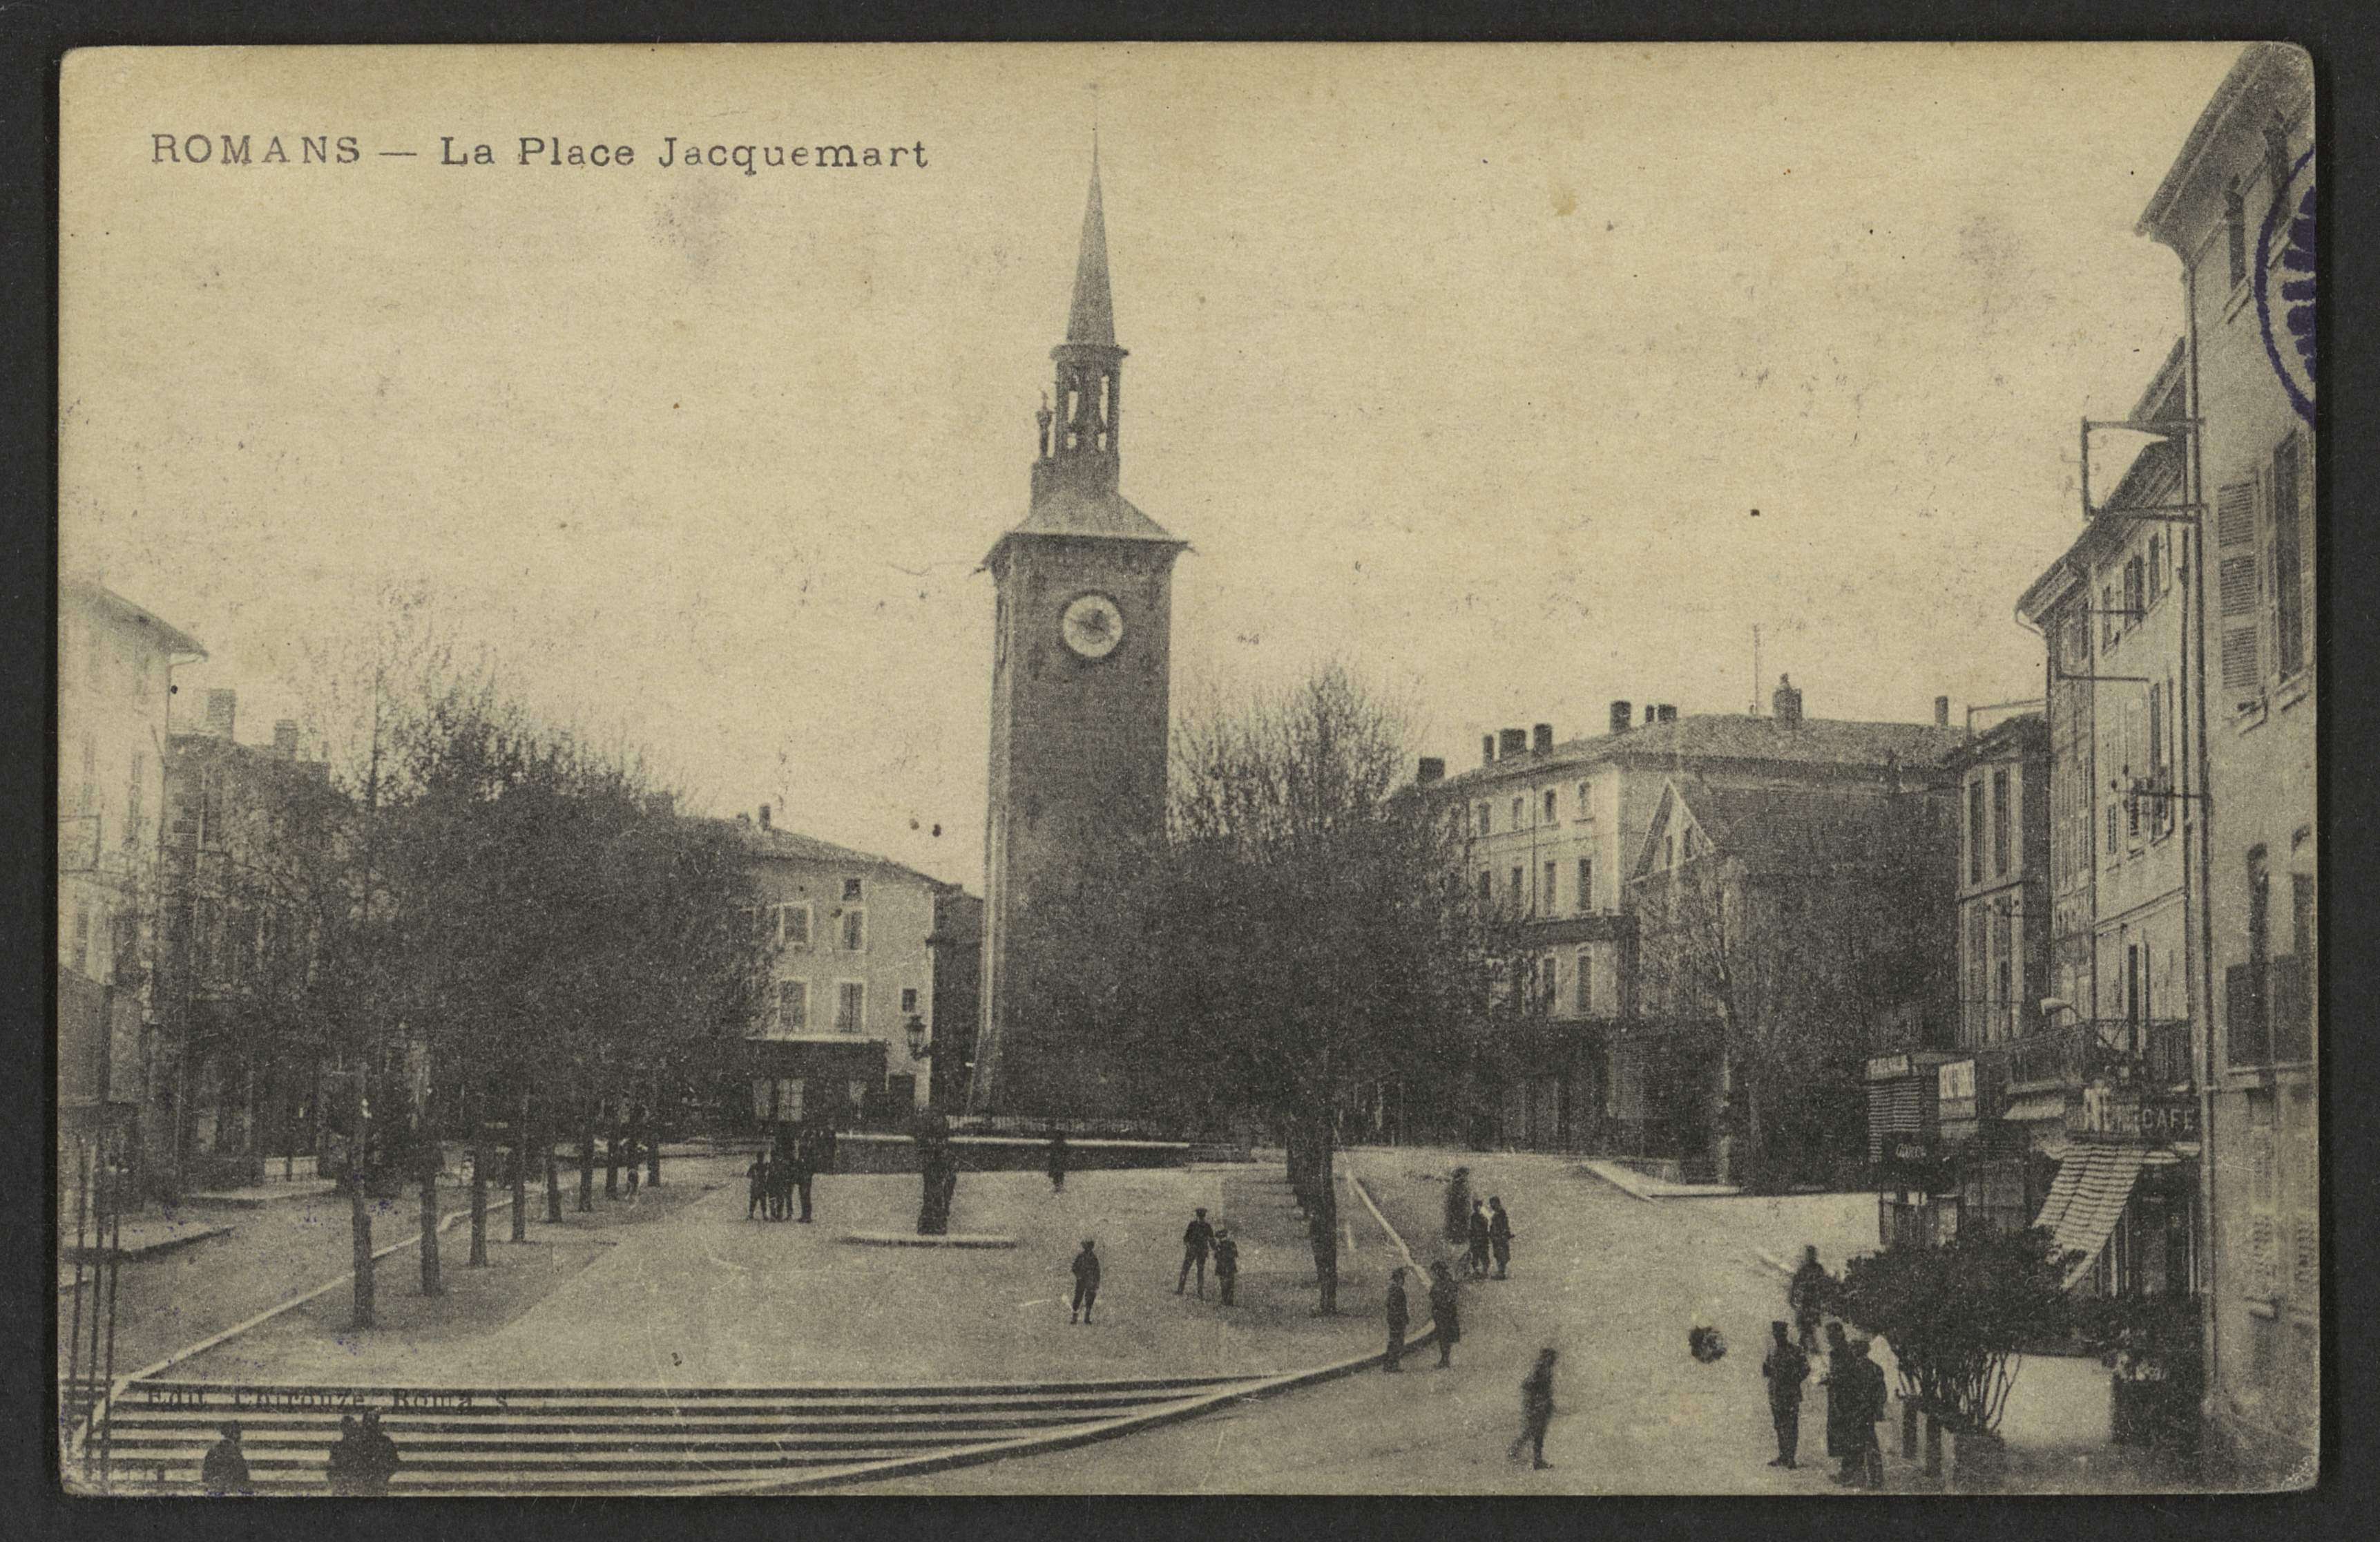 Romans - La Place Jacquemart